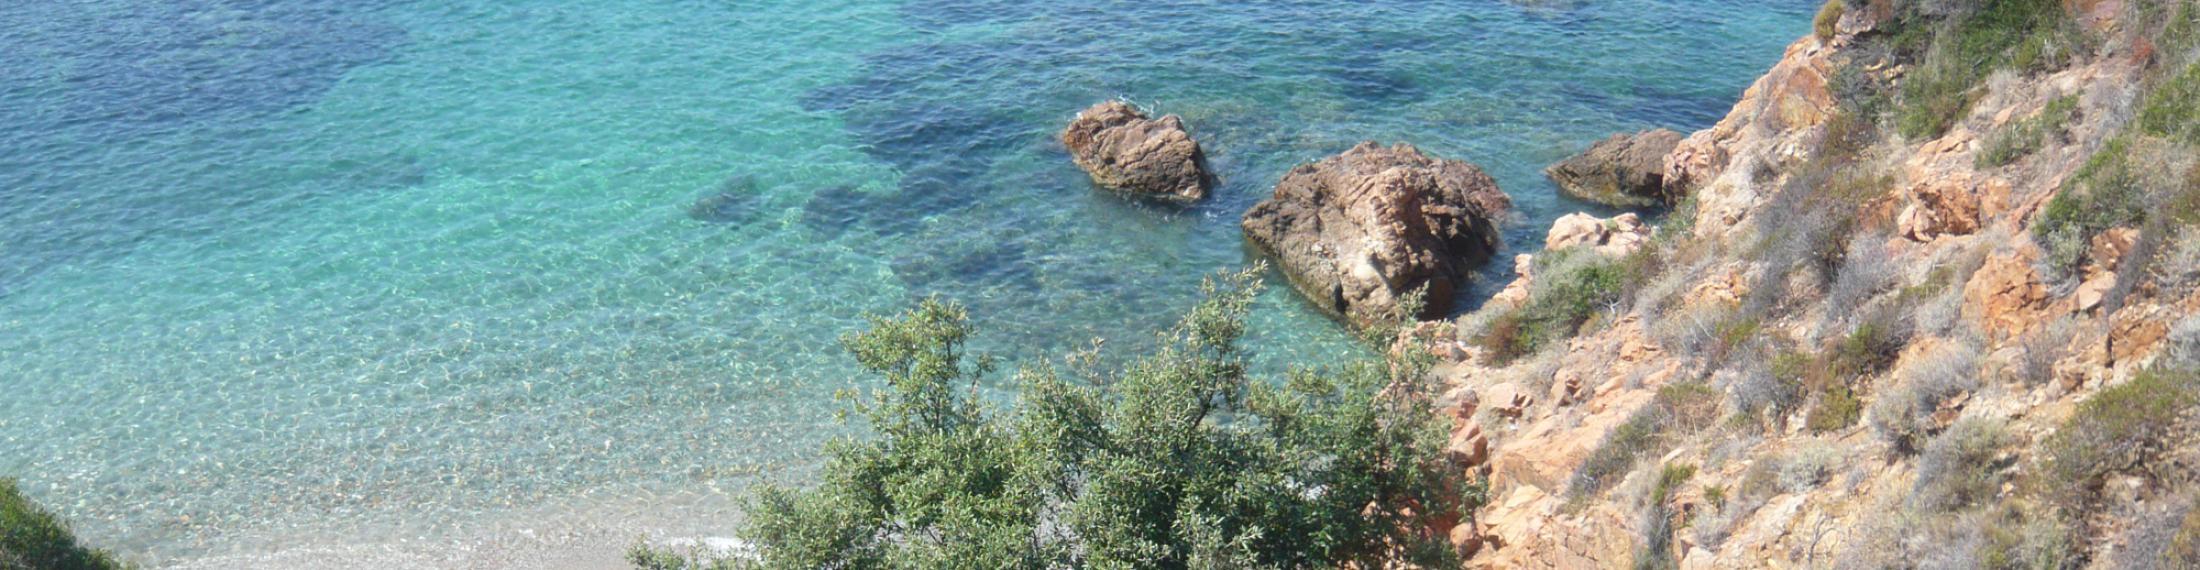 Chambres d 39 h tes bord de mer corse nord for Chambre hotes corsica